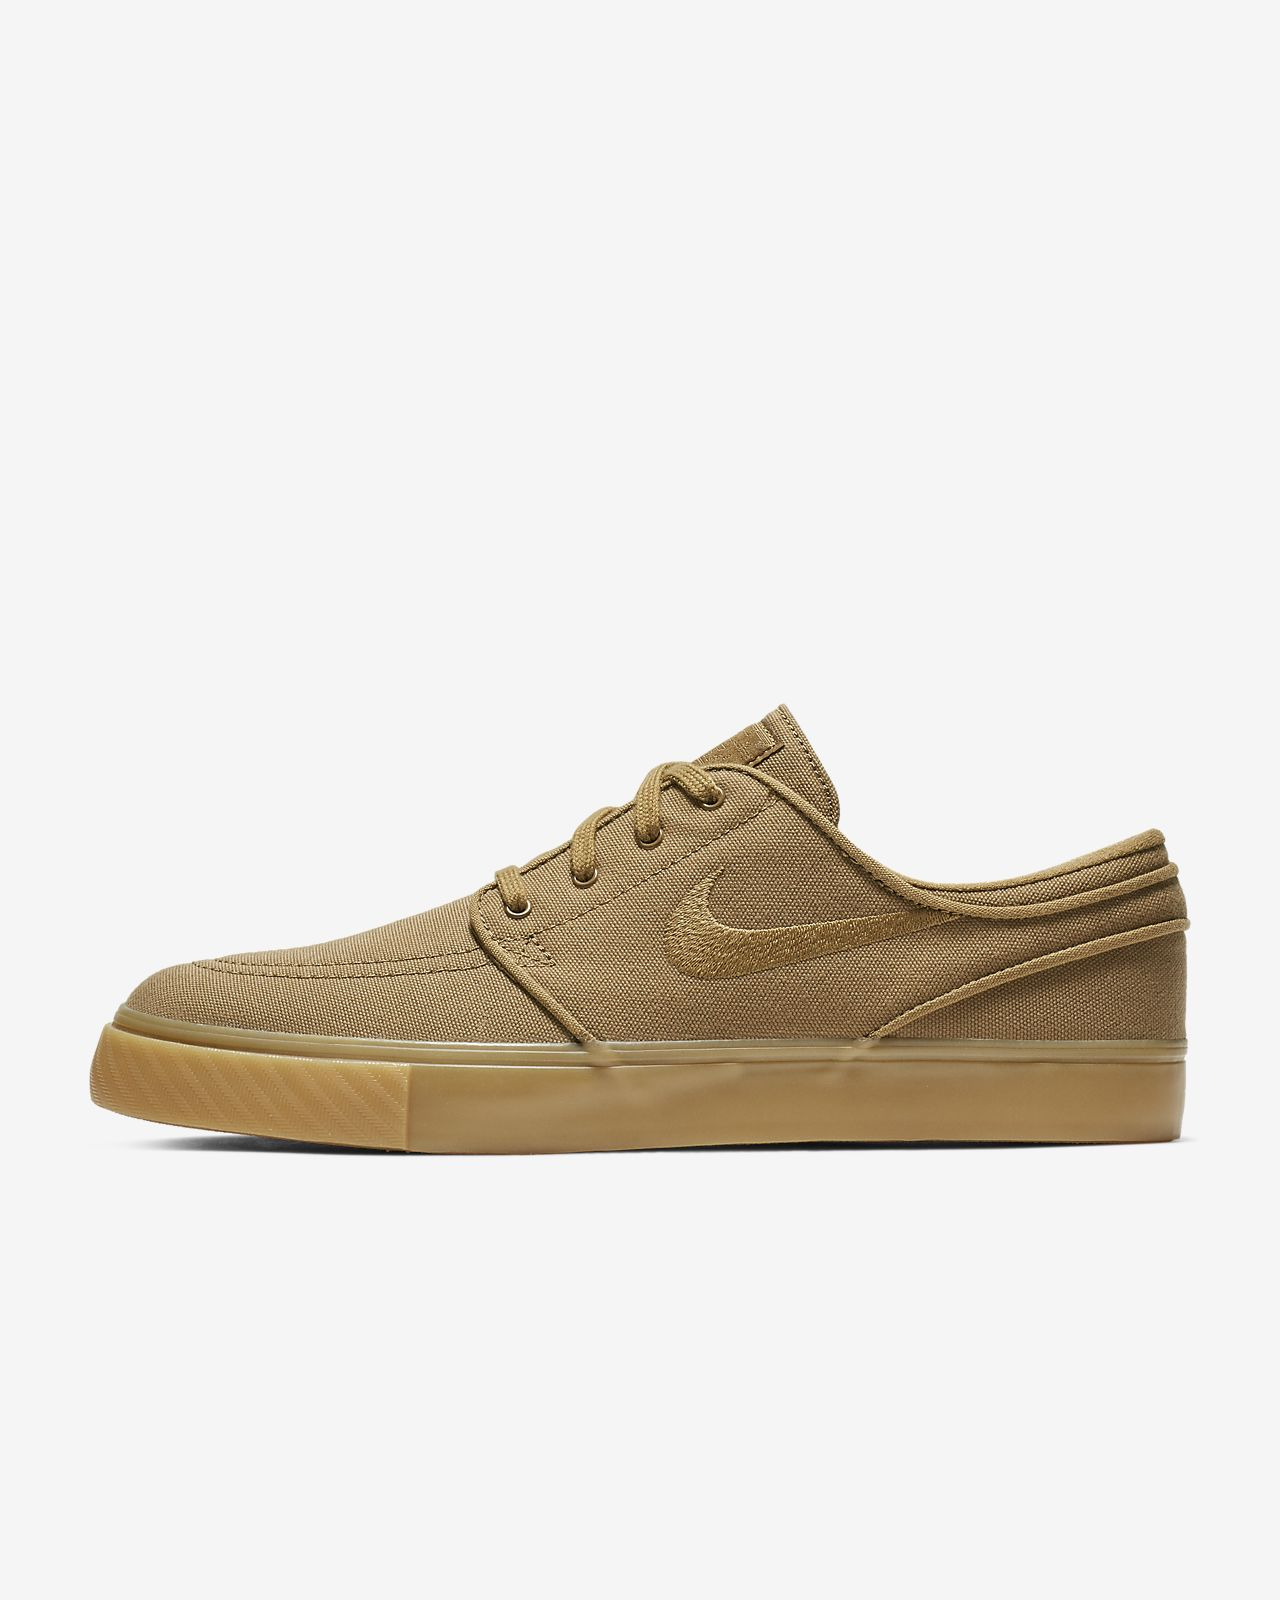 Nike SB Zoom Stefan Janoski Canvas Zapatillas de skateboard - Hombre